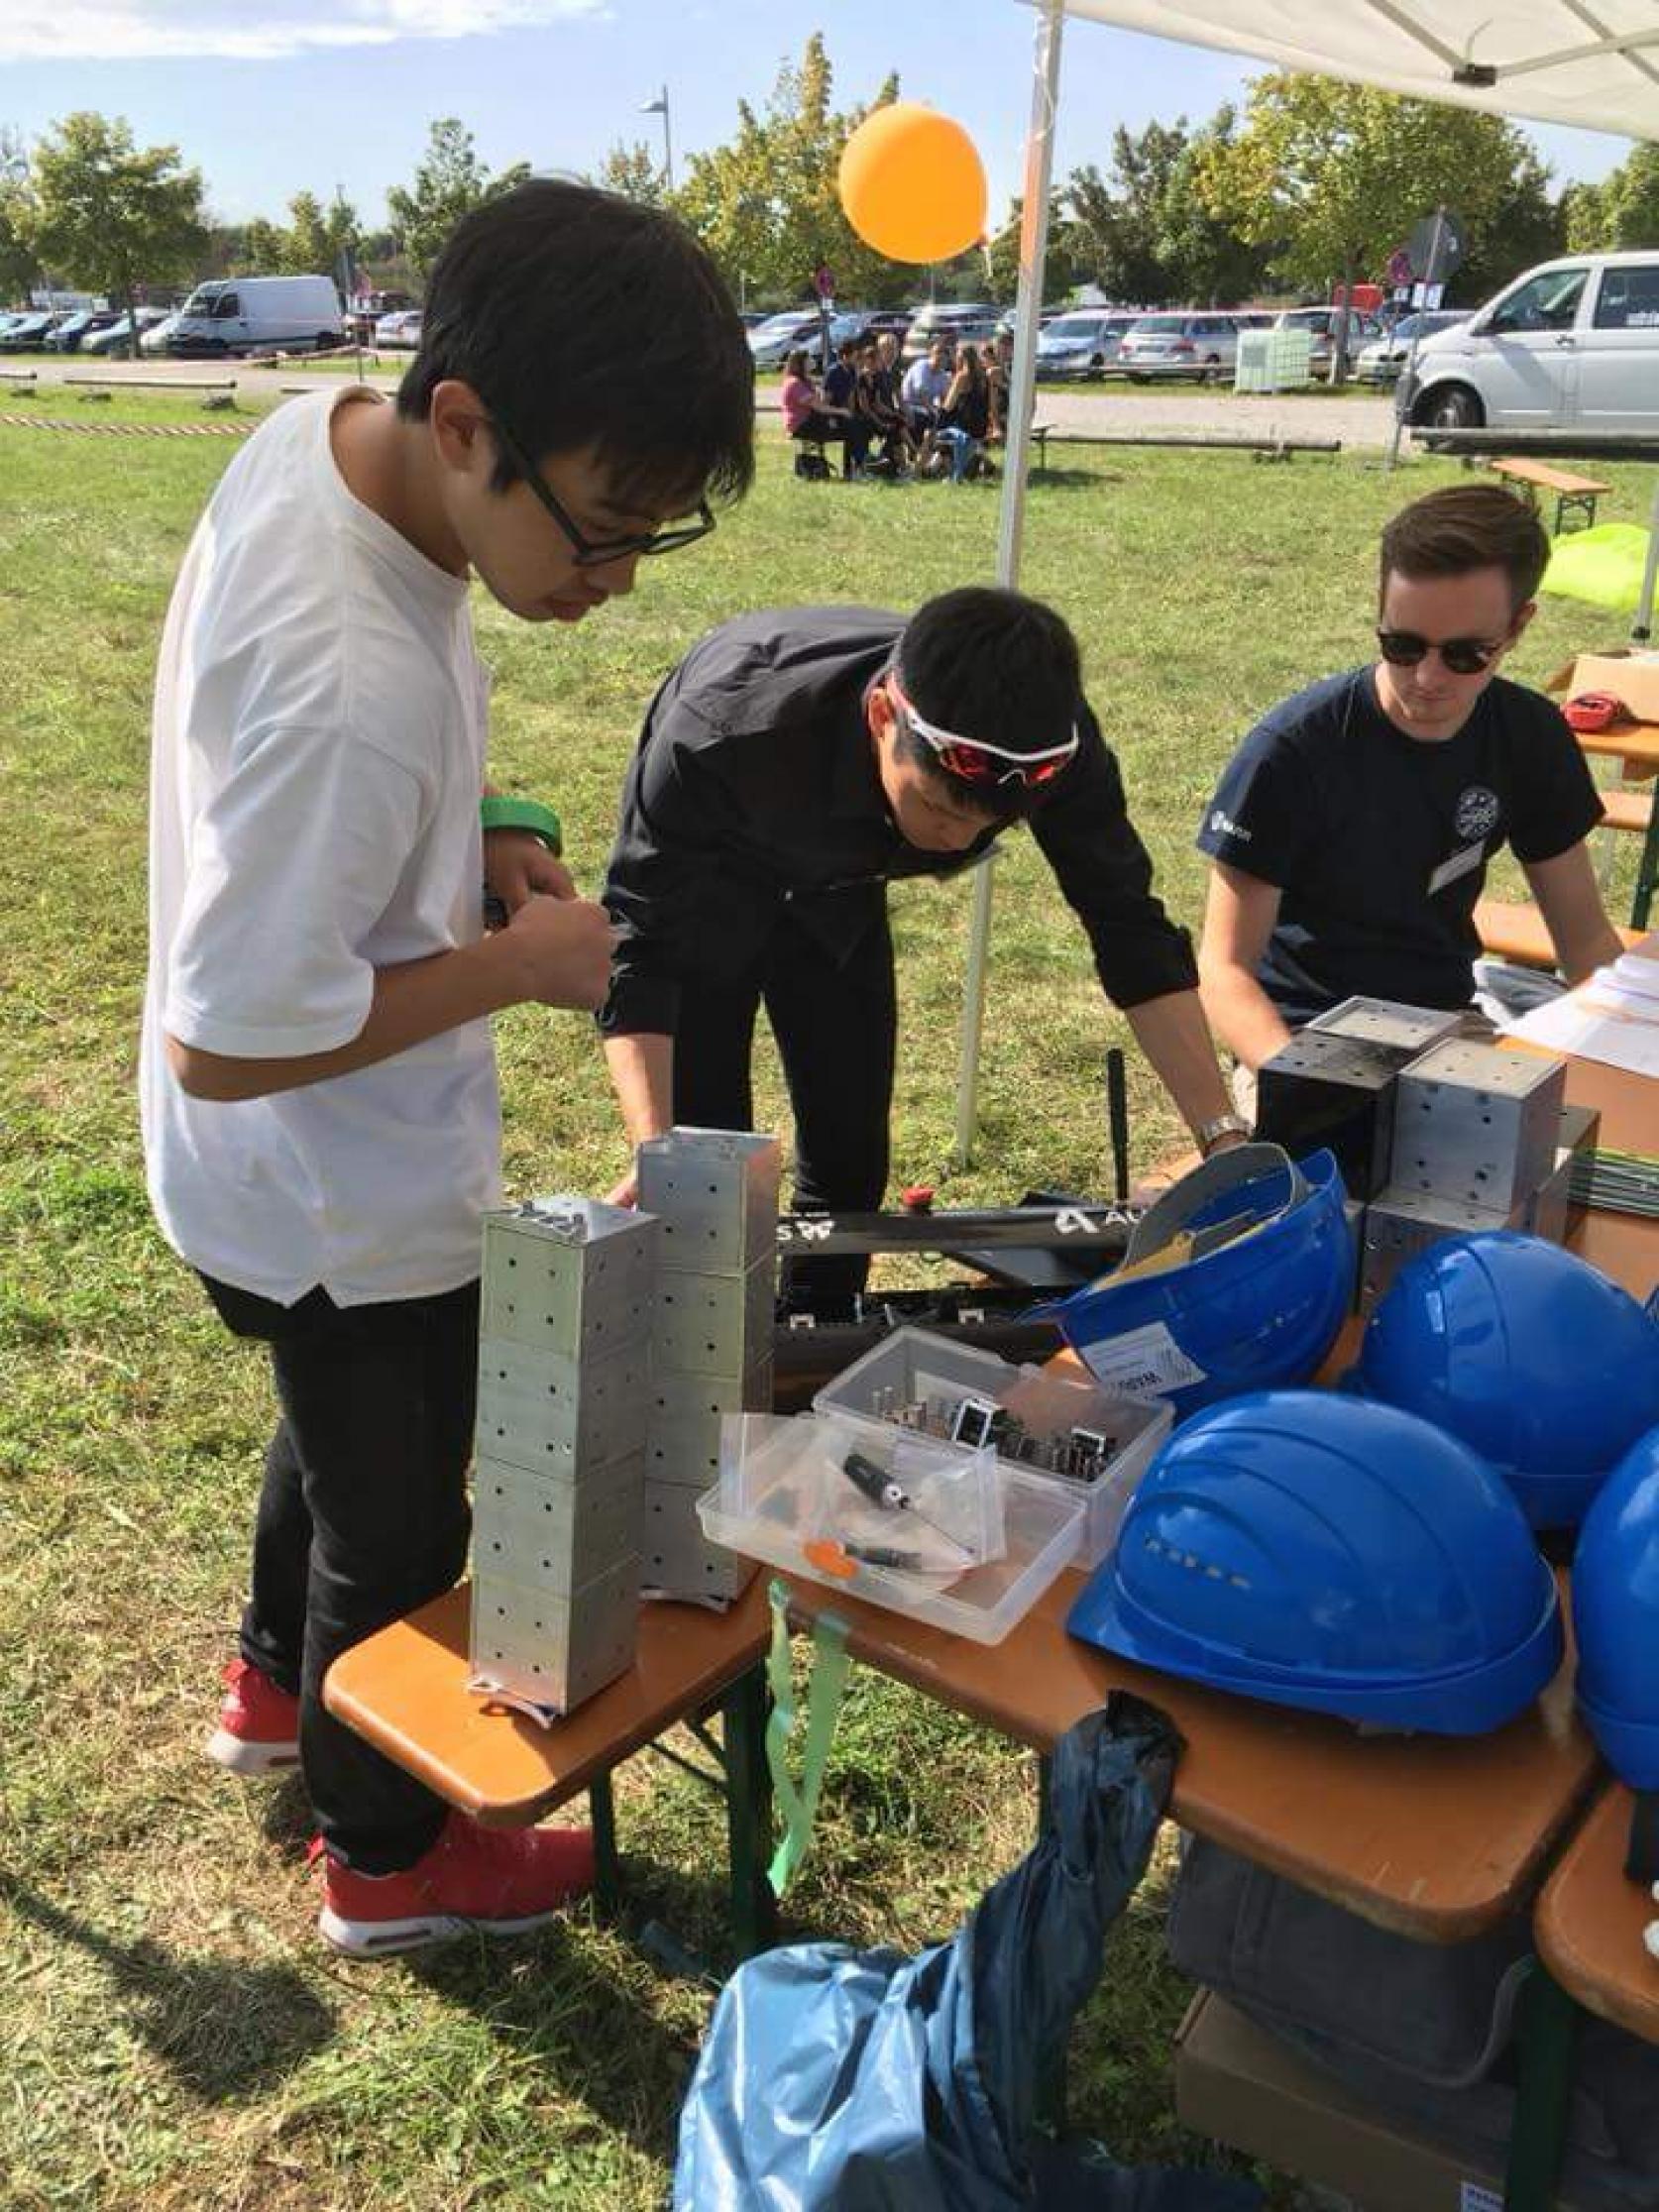 総合優勝!精密機械工学科 青木研究室の小池魁舟さん(4年)と荒川直輝さん(4年)が、ミュンヘン工科大学で開催されたEuSPEC2018(欧州宇宙エレベーター競技会)にて、総合優勝しました。